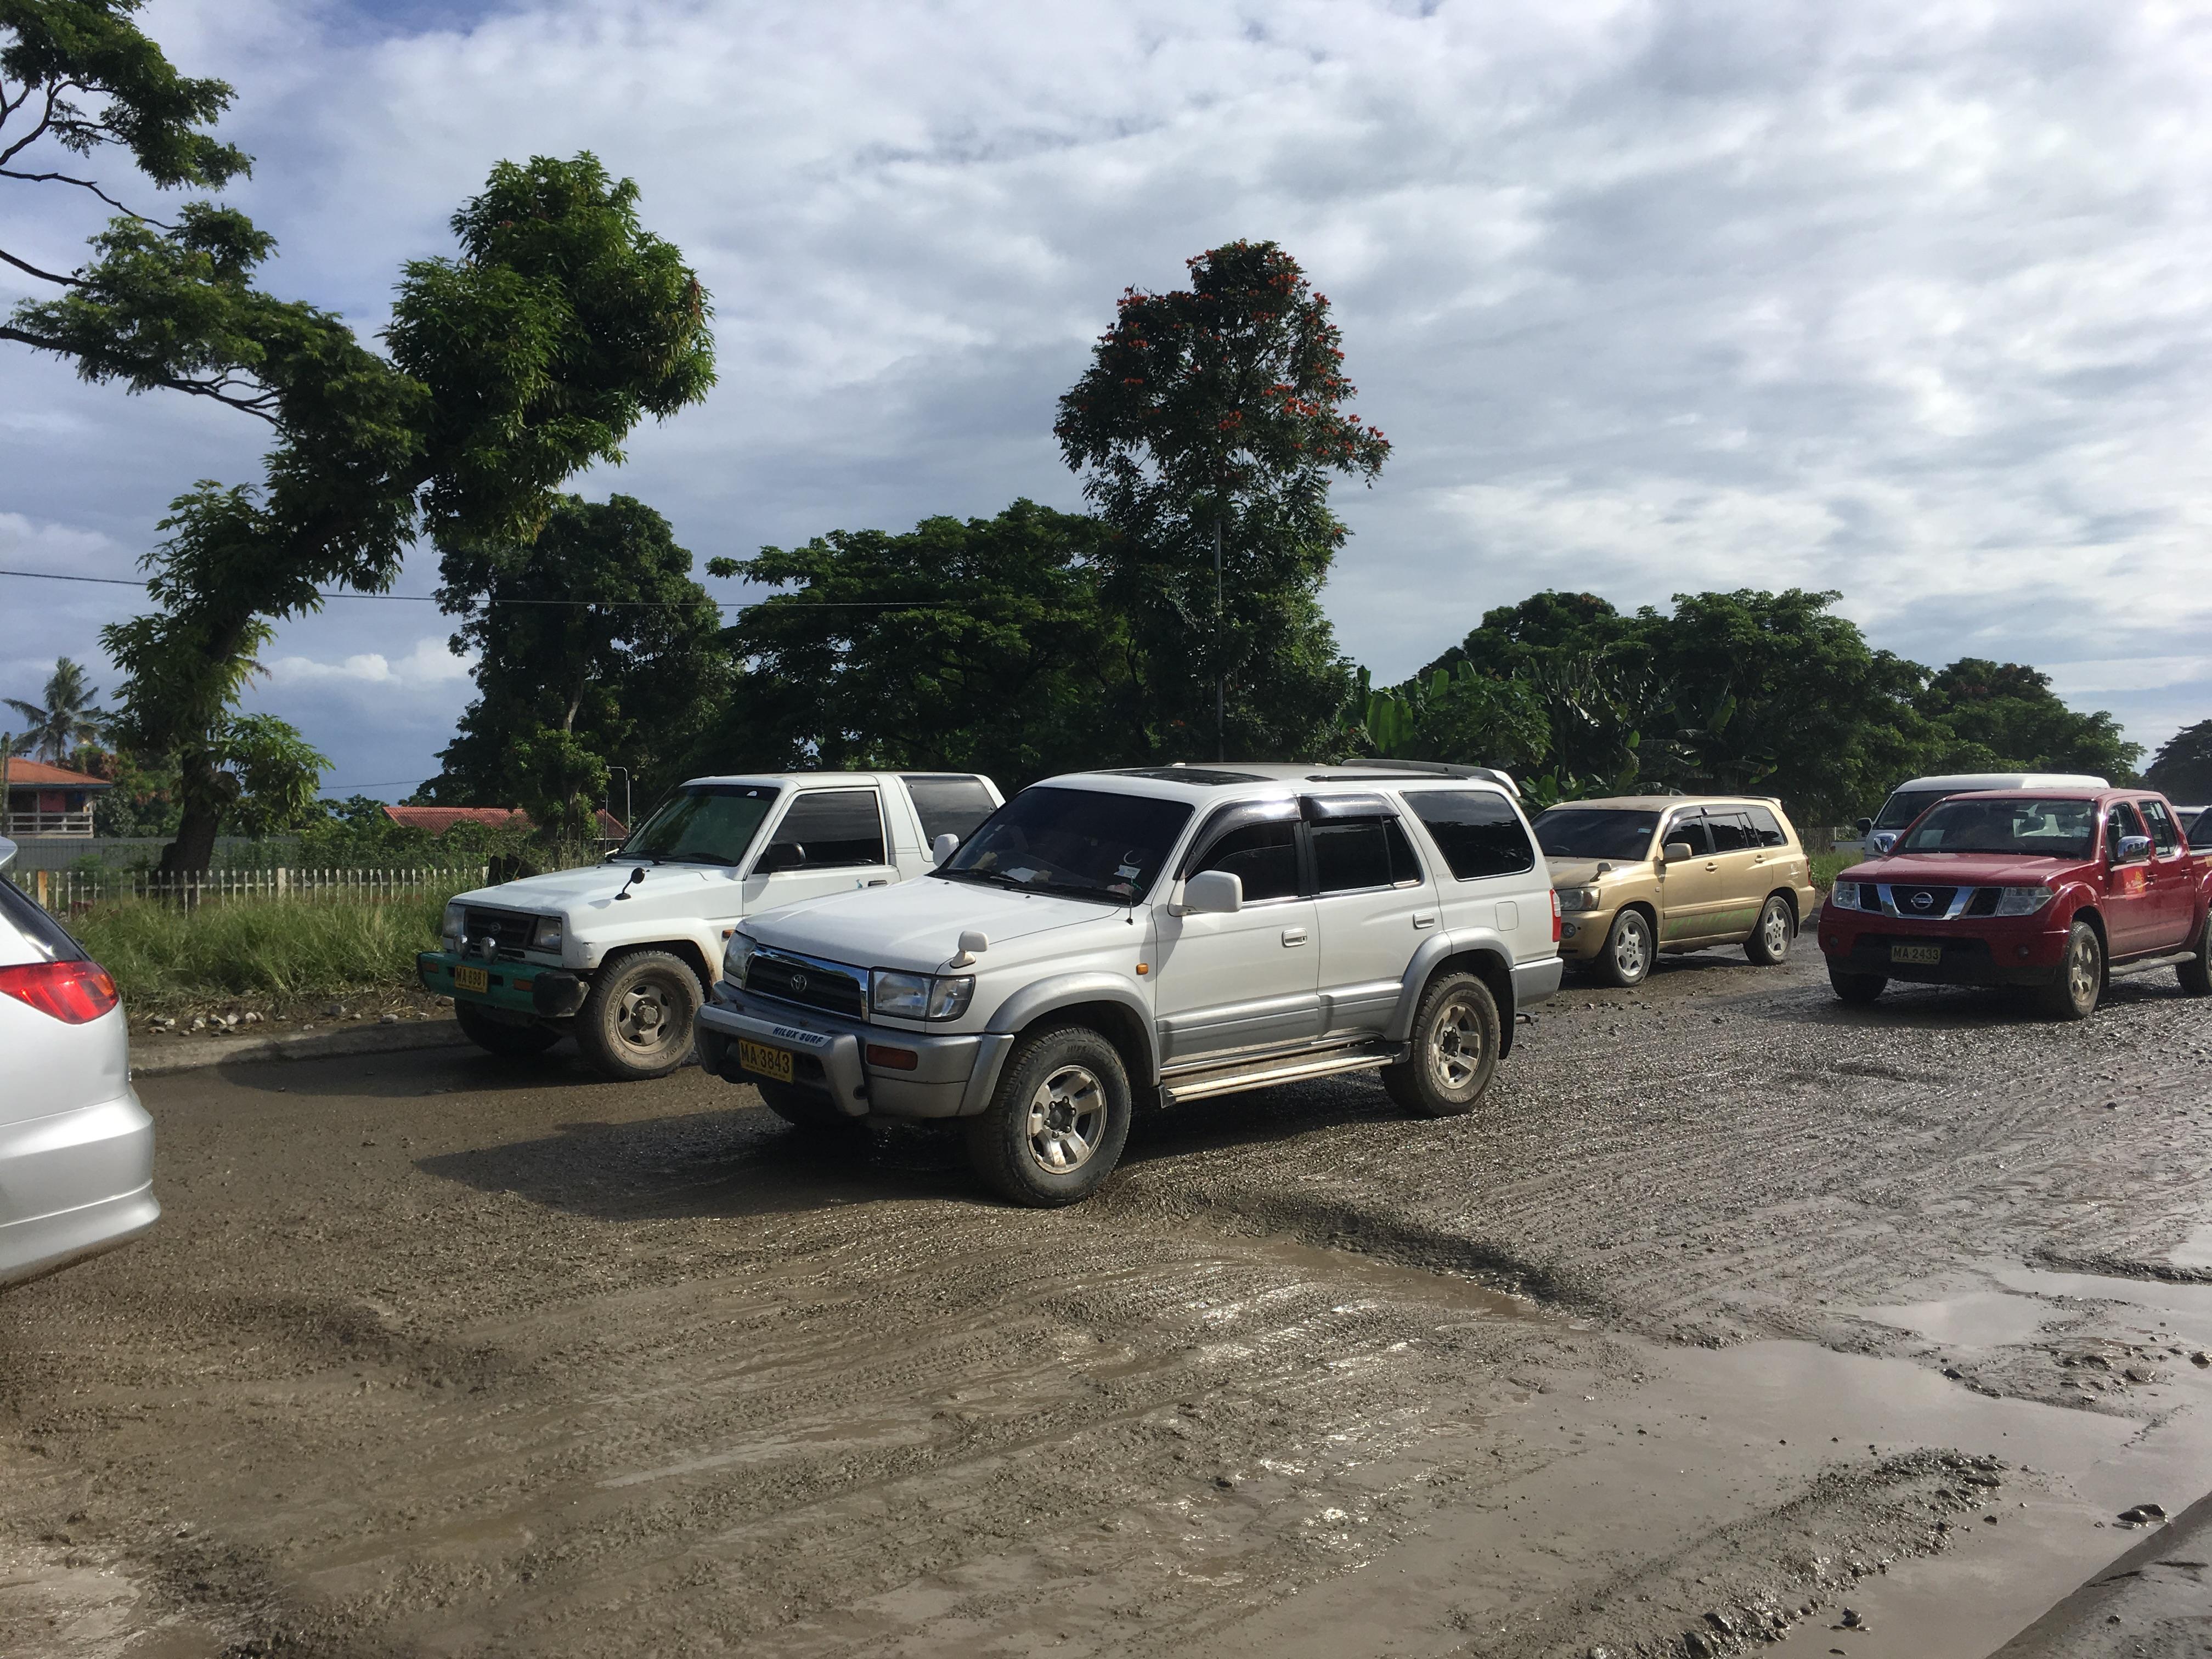 Police warn against pothole profiteering